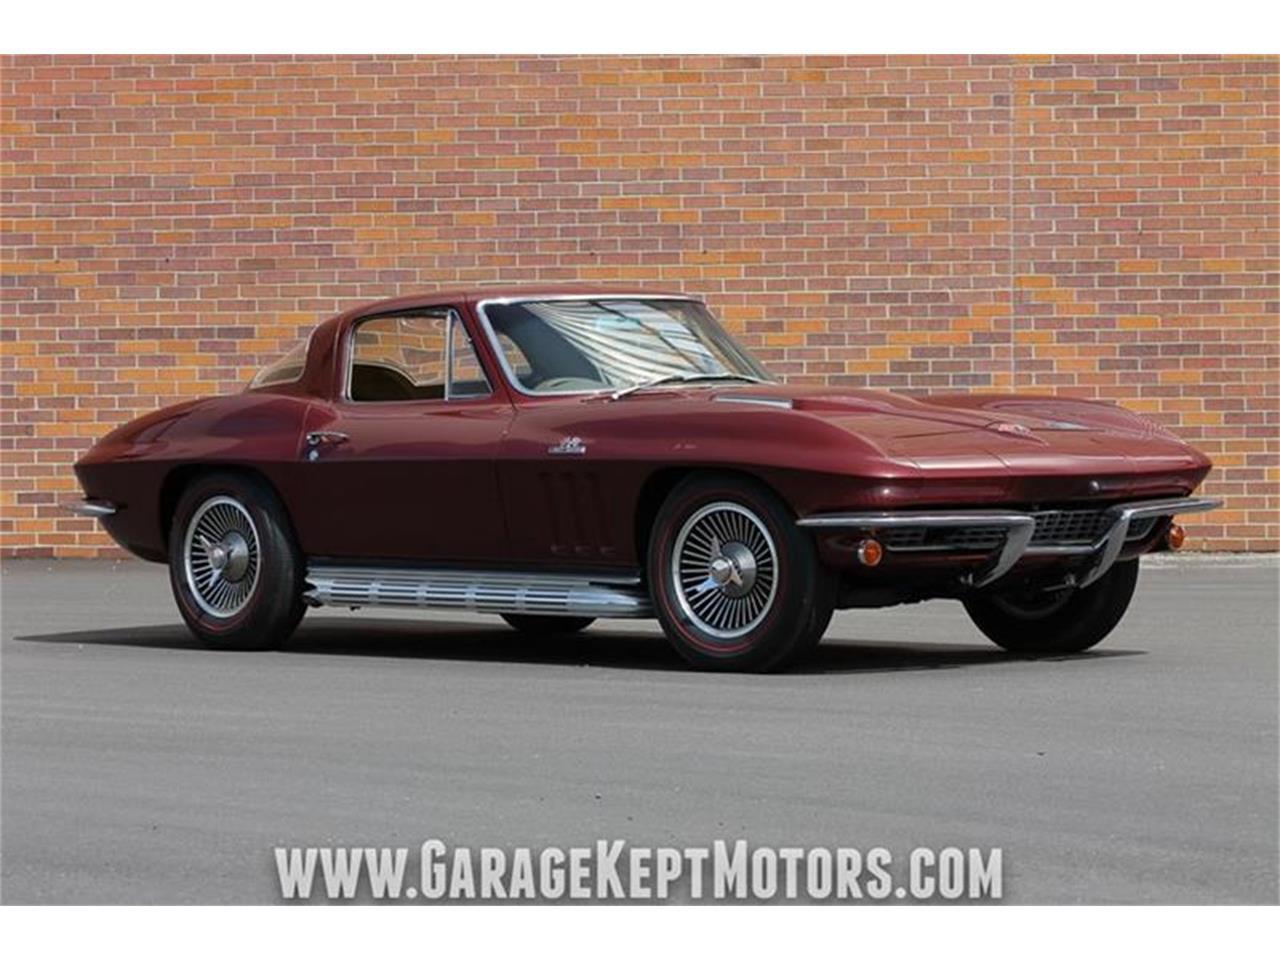 For Sale: 1966 Chevrolet Corvette in Grand Rapids, Michigan